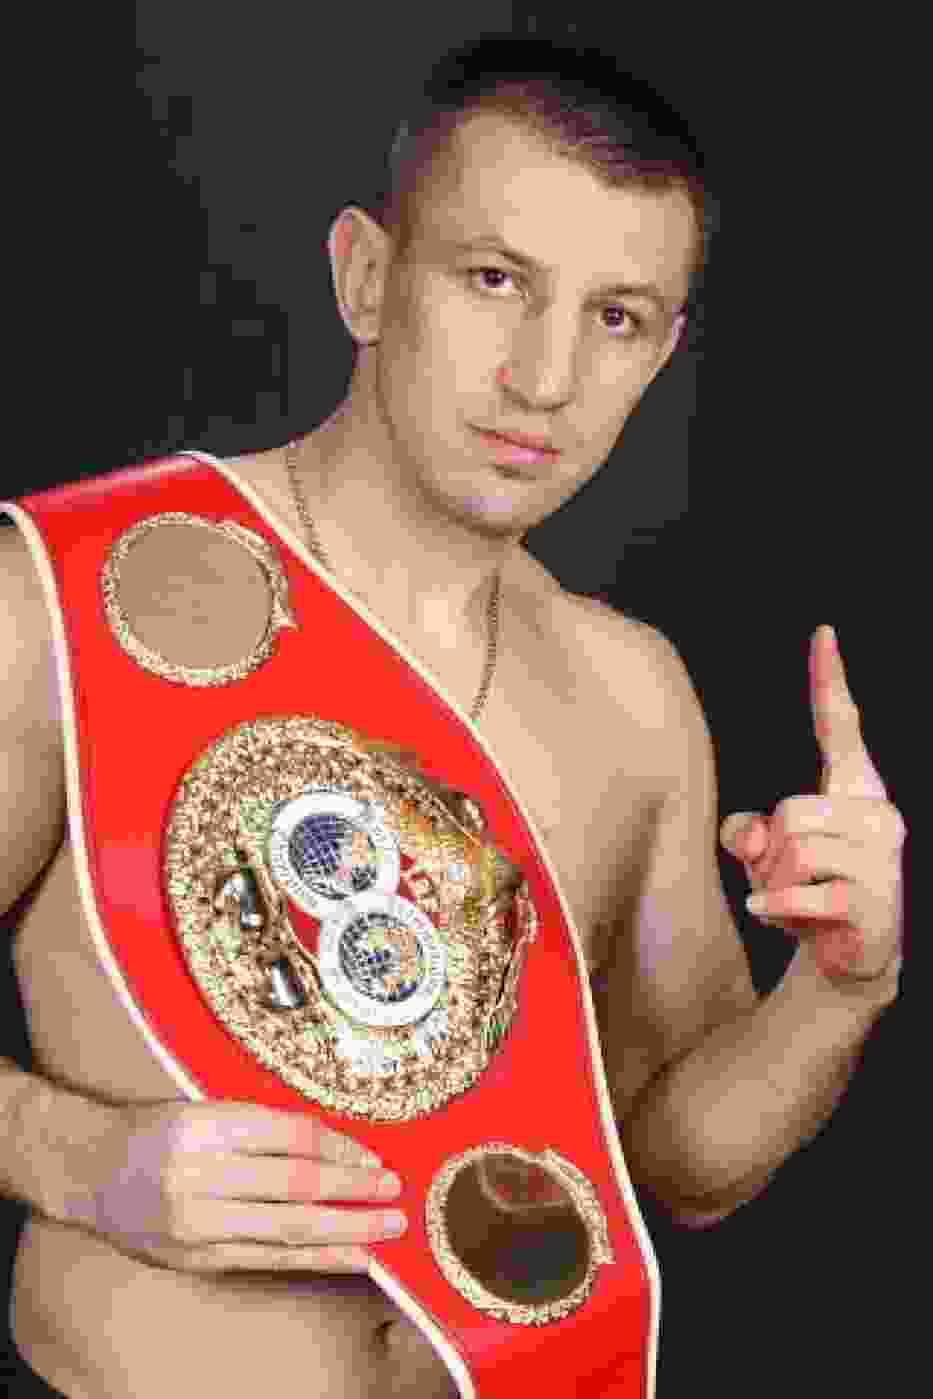 Walka Polaka z Bułgarem miała być finałowym eliminatorem do tytułu mistrza świata federacji IBF